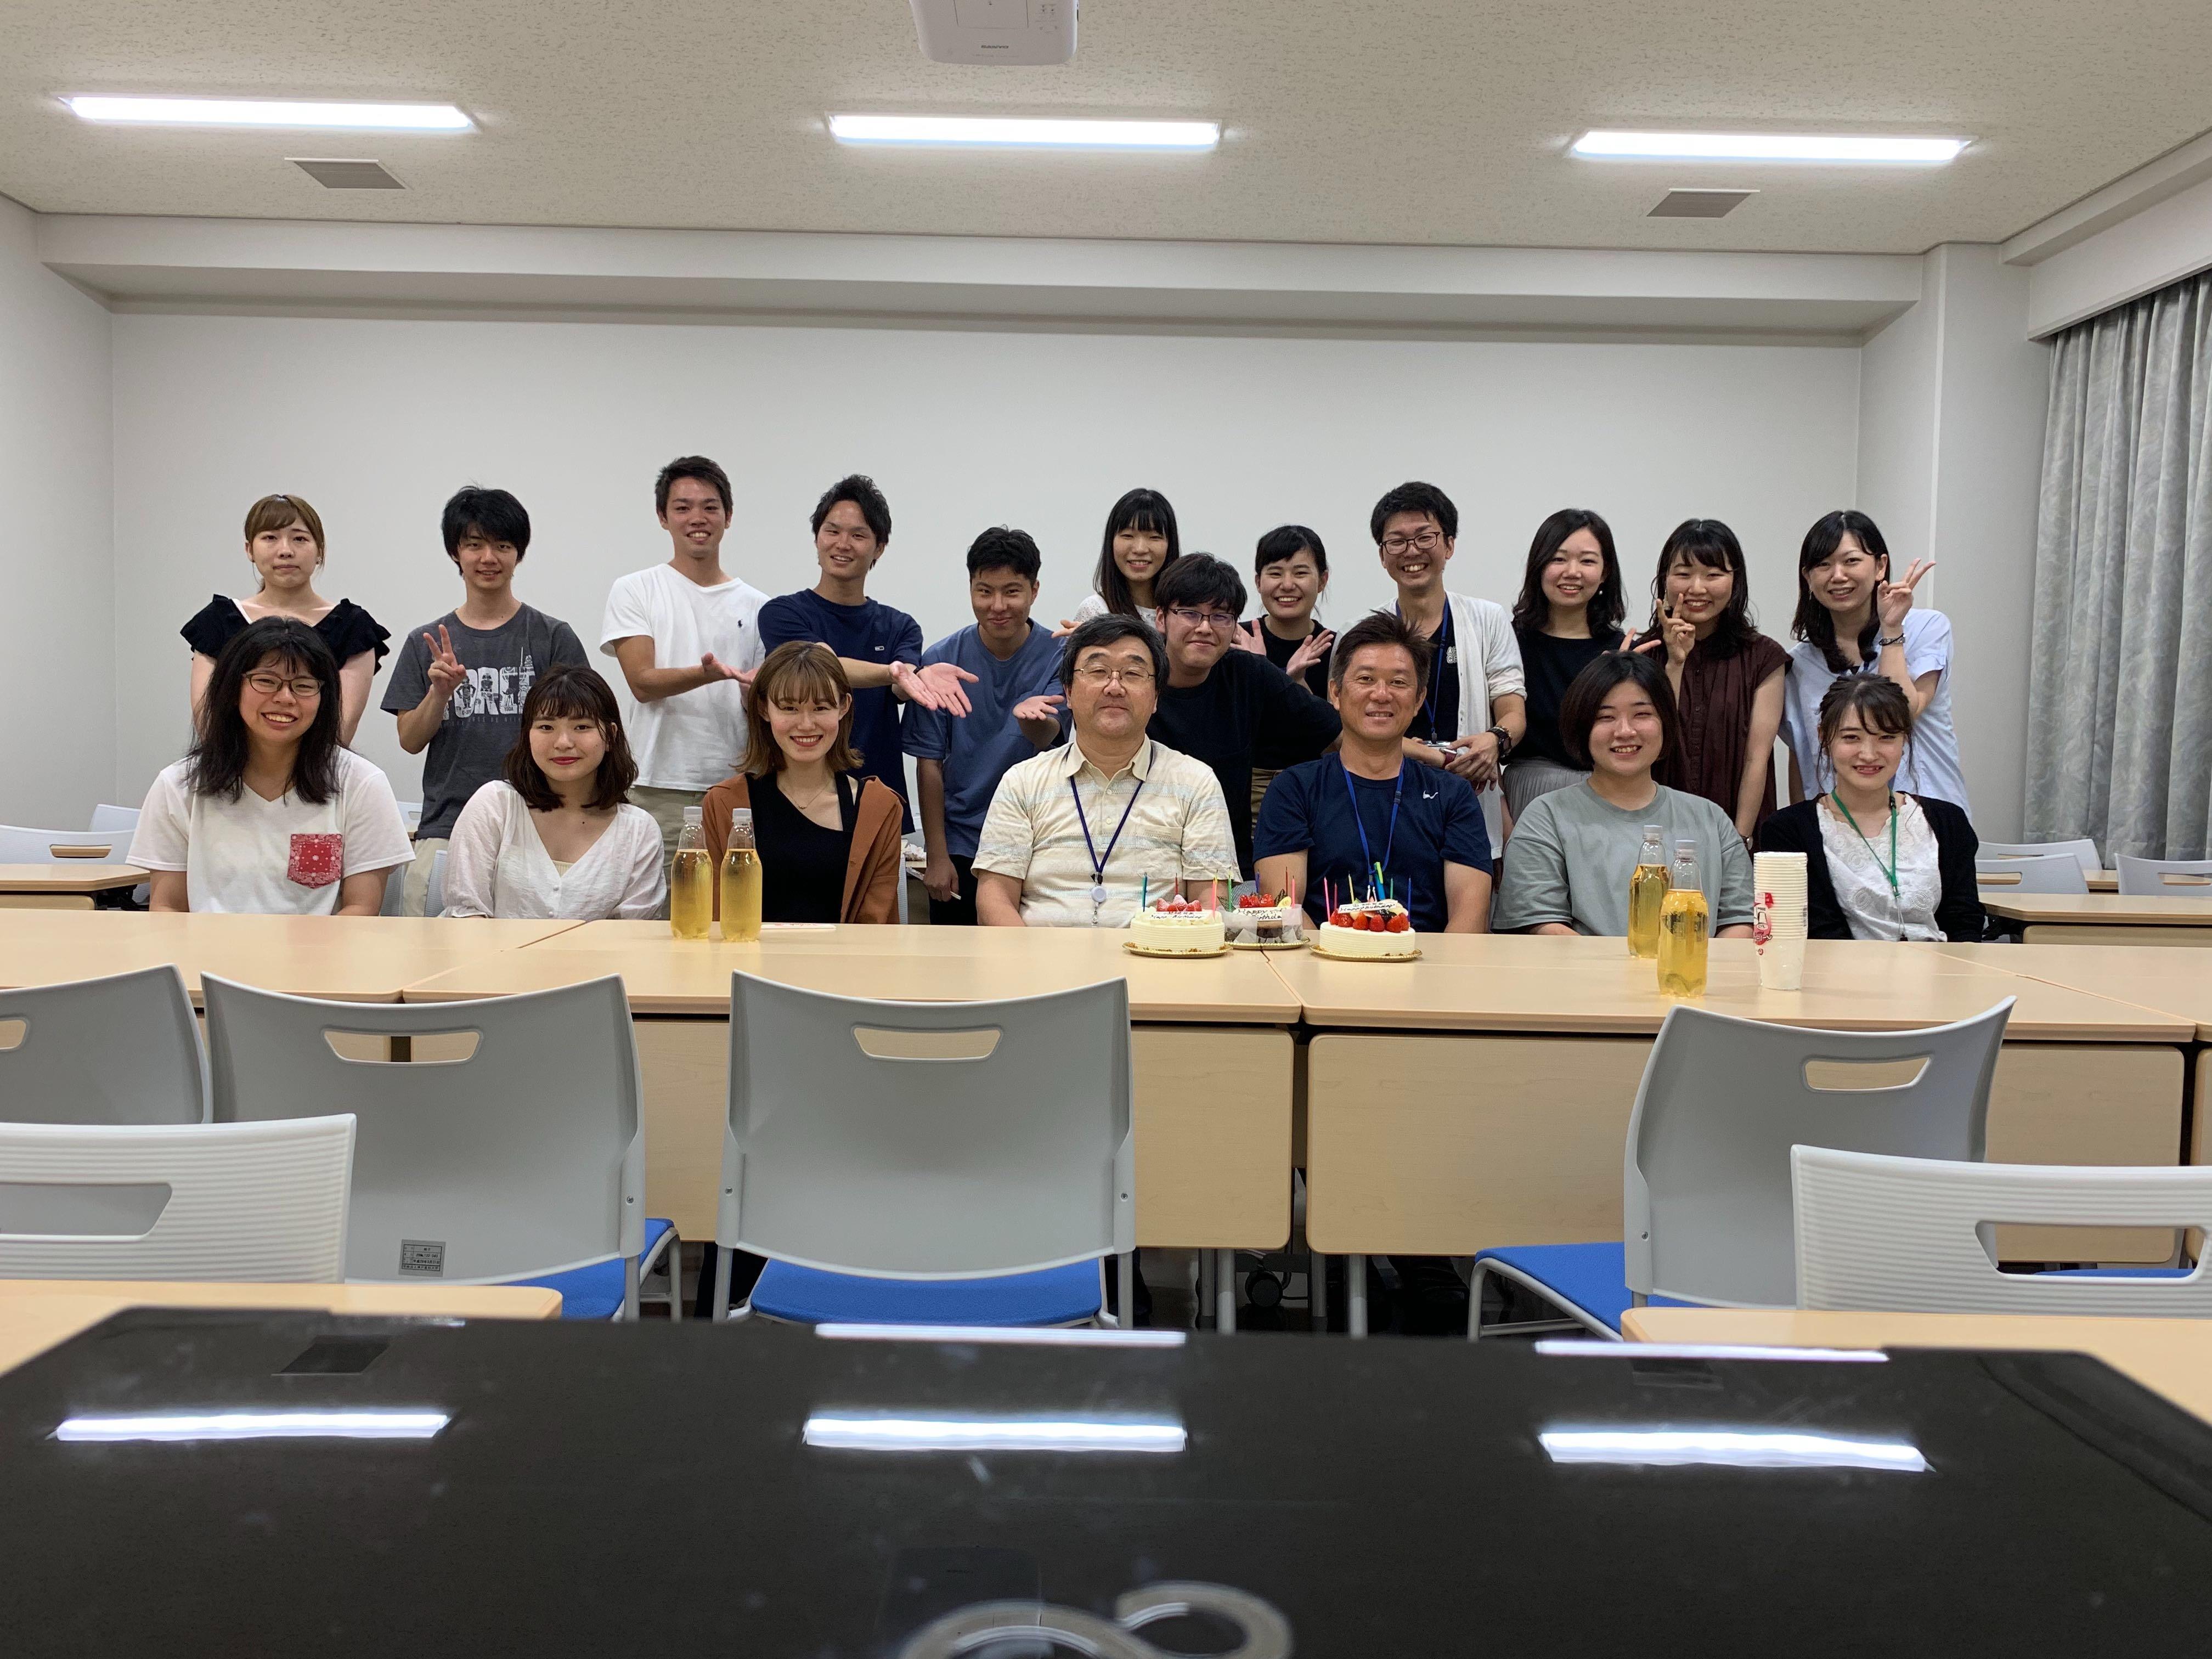 記事 坂根先生・古林先生のお誕生日会をしました♪のアイキャッチ画像